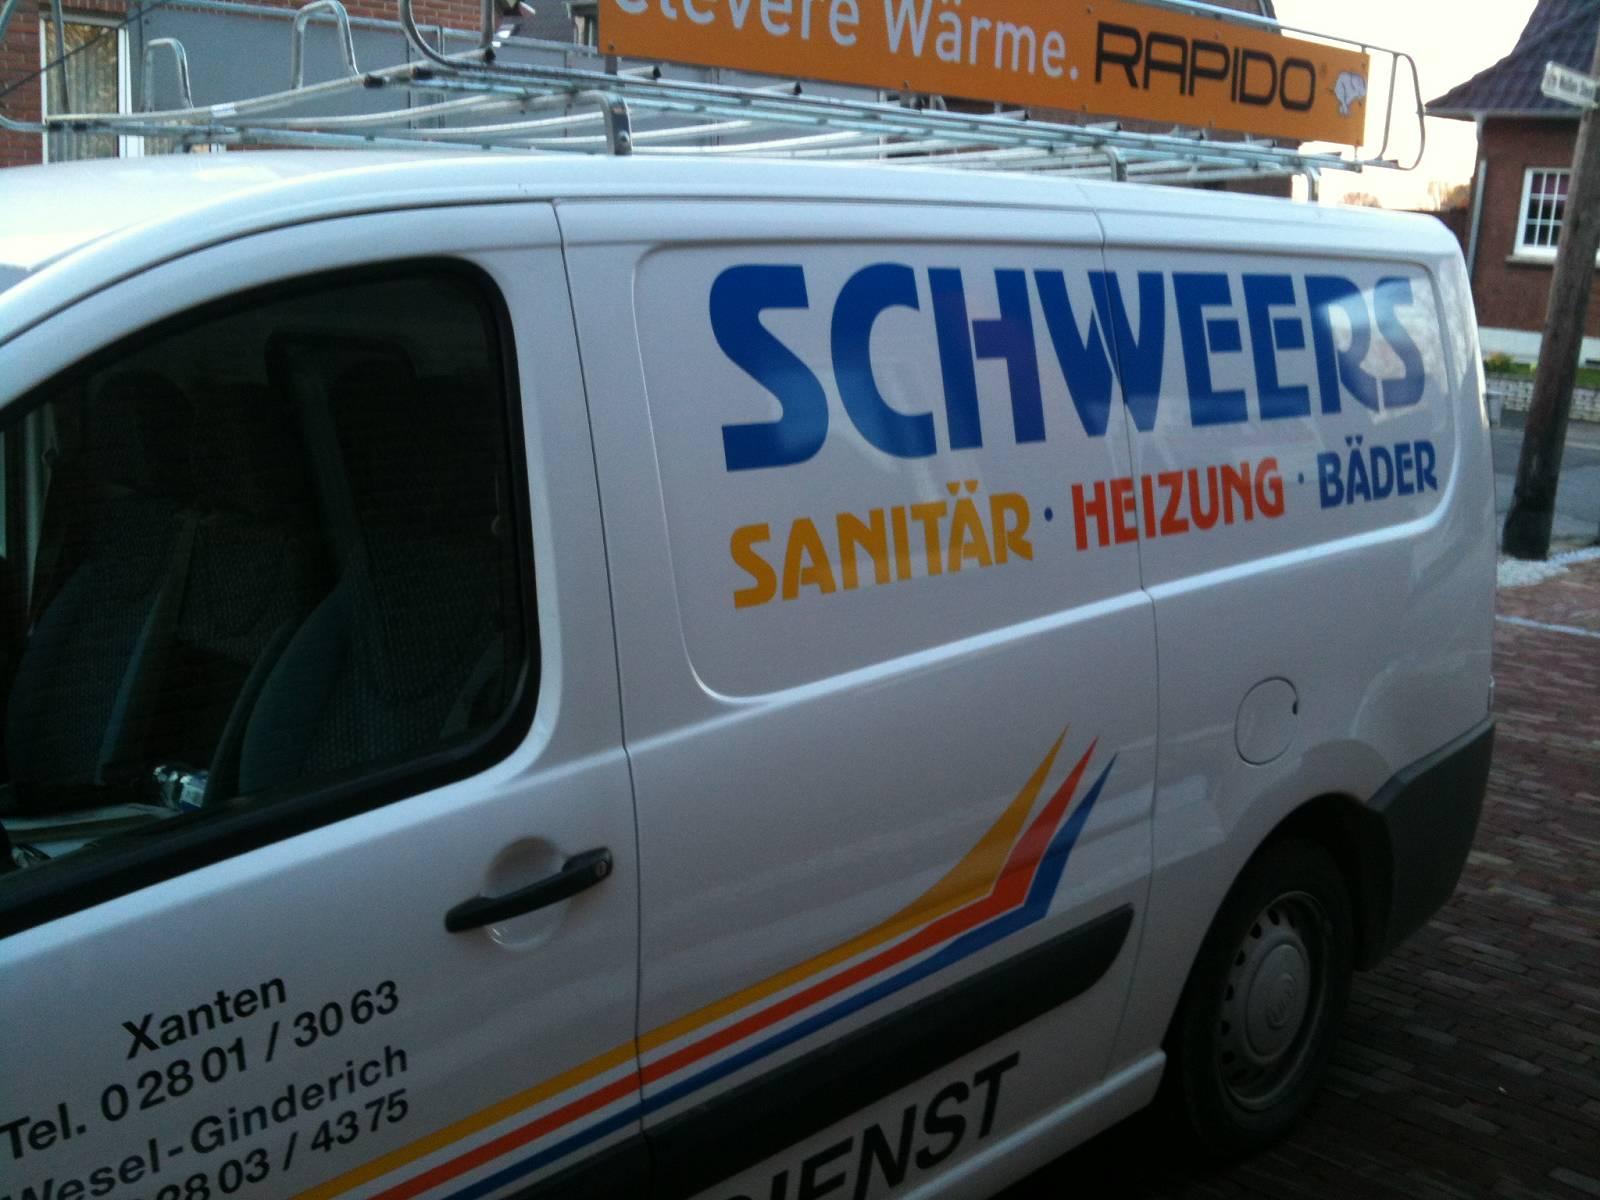 schweers_1